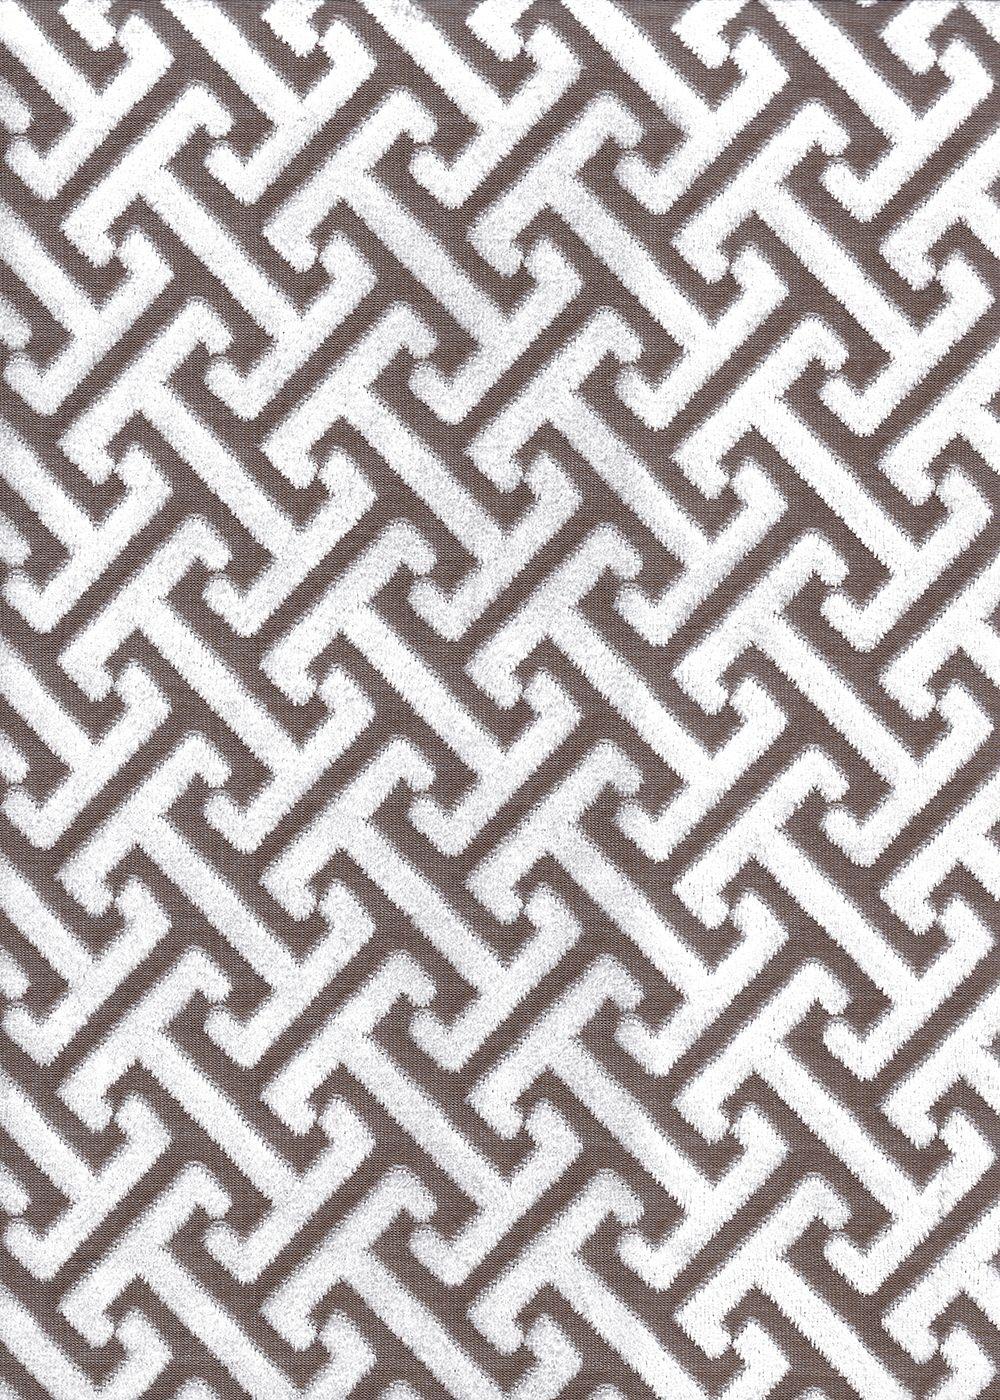 Möbelstoff Aristo B Zusammensetzung 100 Polyester Gewicht 670 Gm